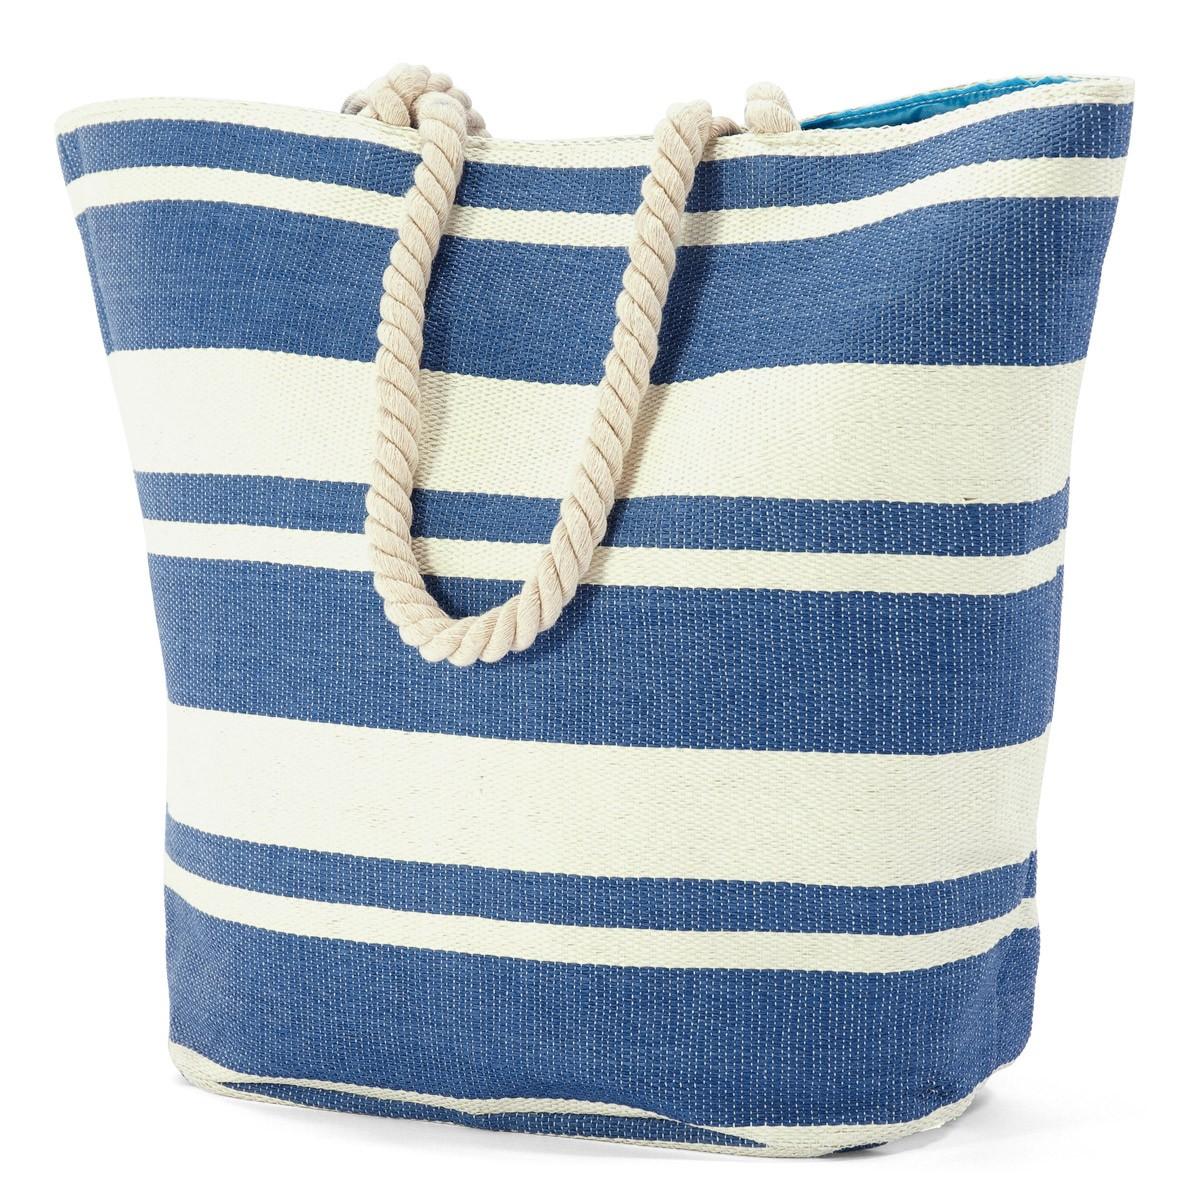 Ψάθινη Τσάντα Παραλίας Benzi 5018 Blue home   θαλάσσης   τσάντες θαλάσσης